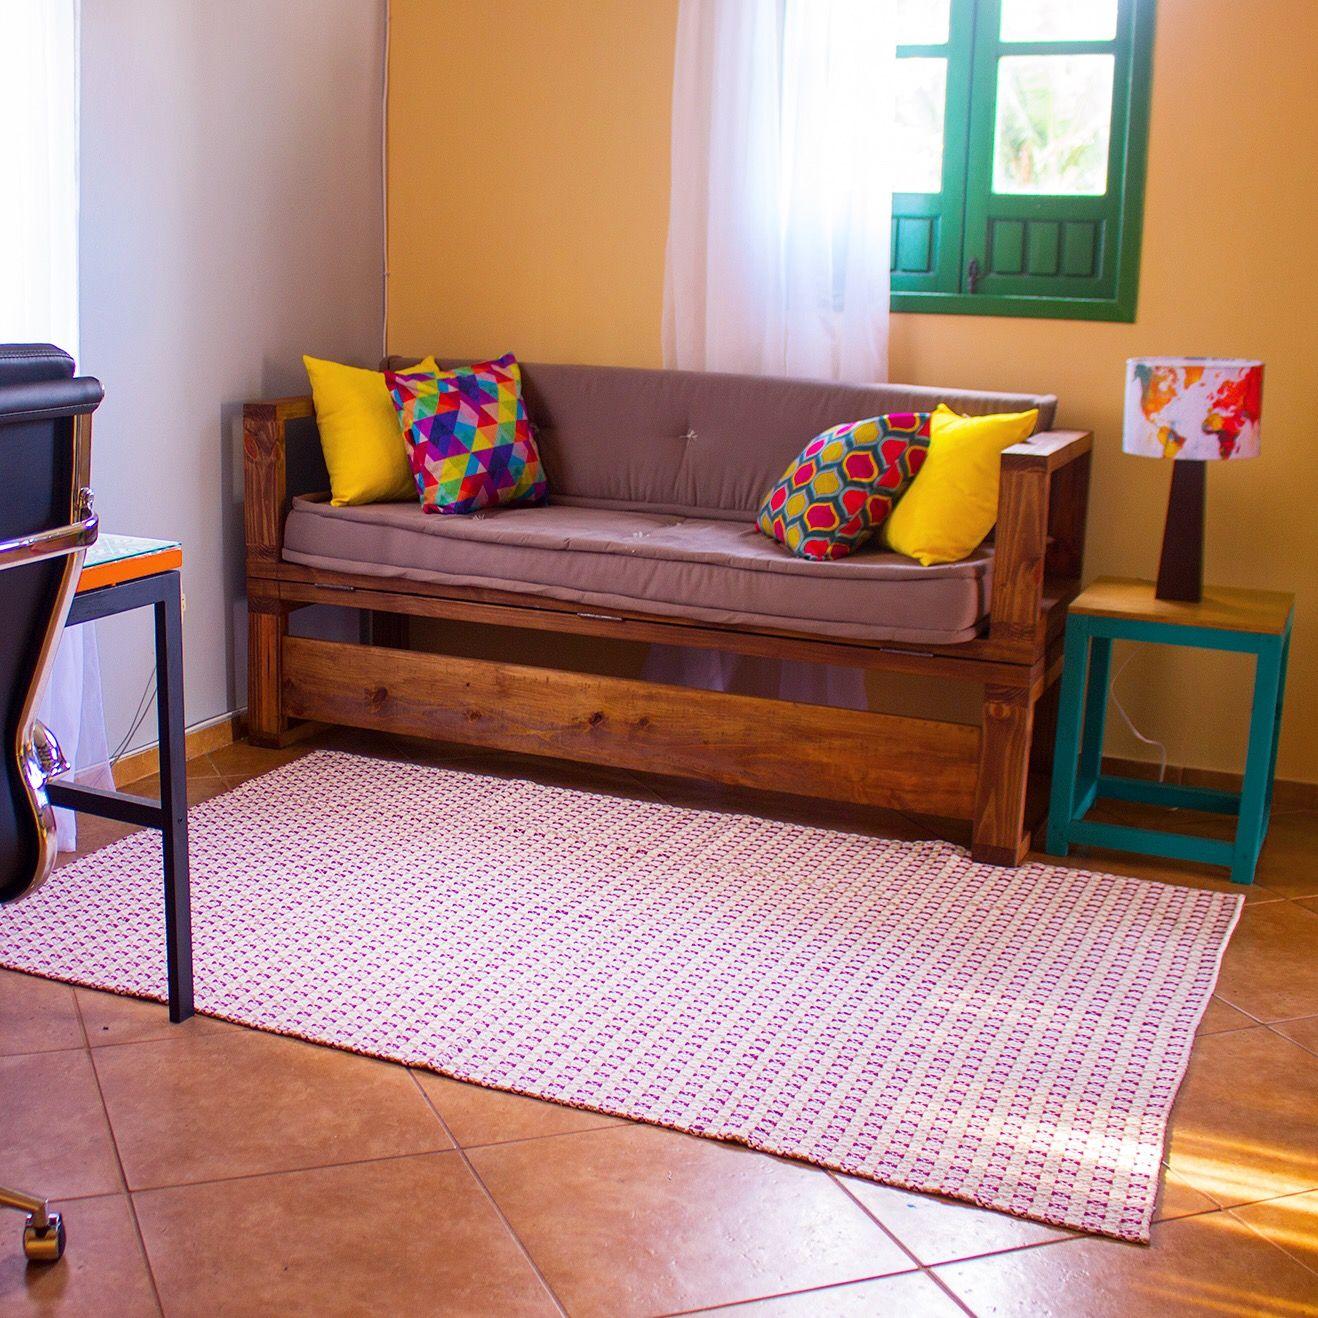 DIY - Sofá cama de madeira ❤❤❤ Tá precisando de um uma cama ou assento  extra por aí  Que tal aprender a fazer esse sofá  Veja o passo a passo  completo lá ... 88b5462c49